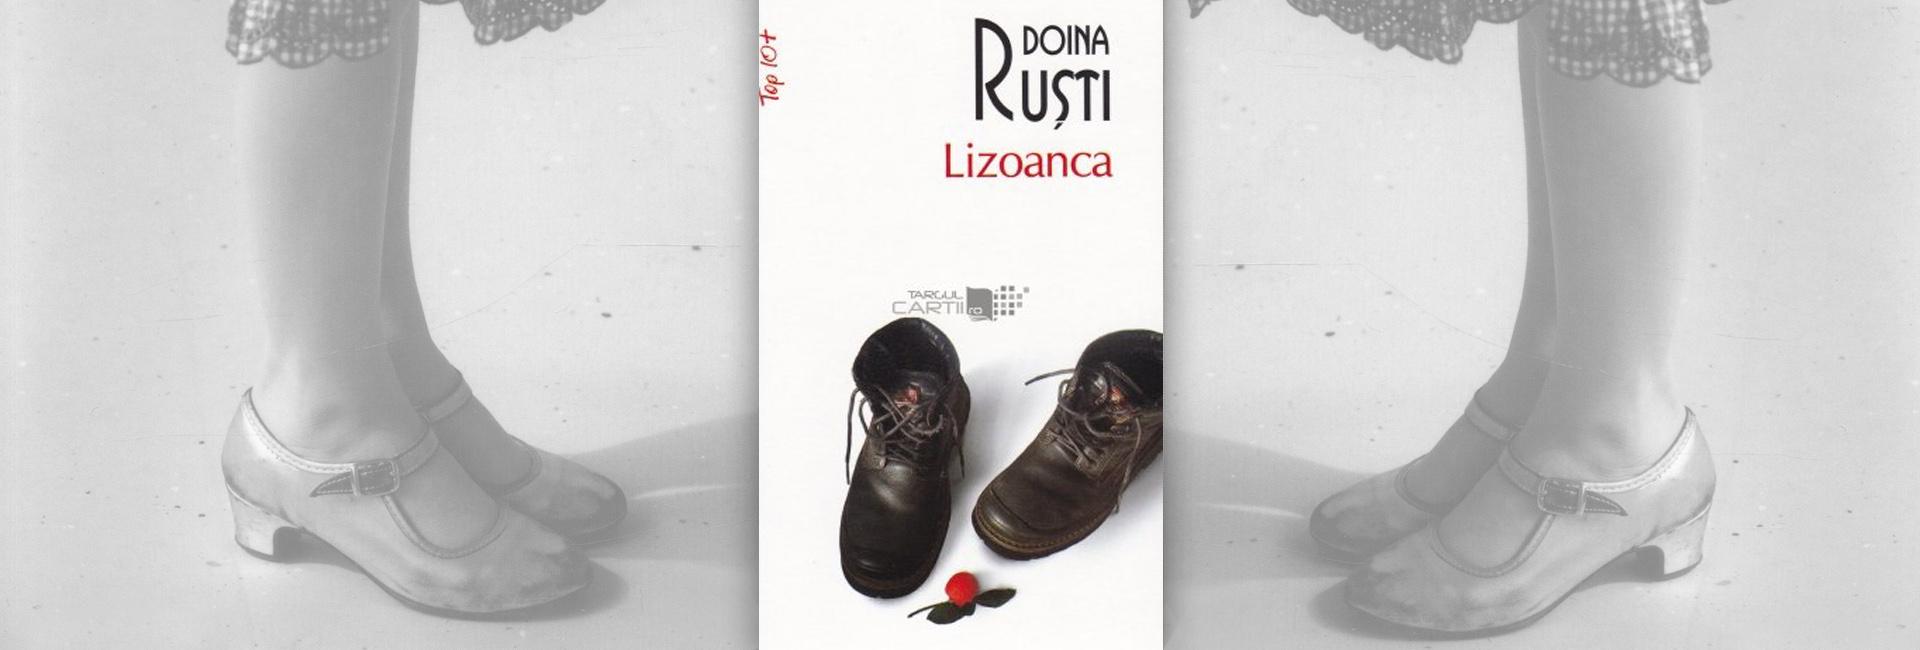 recenzie Lizoanca roman Doina Ruști copii abuzaţi